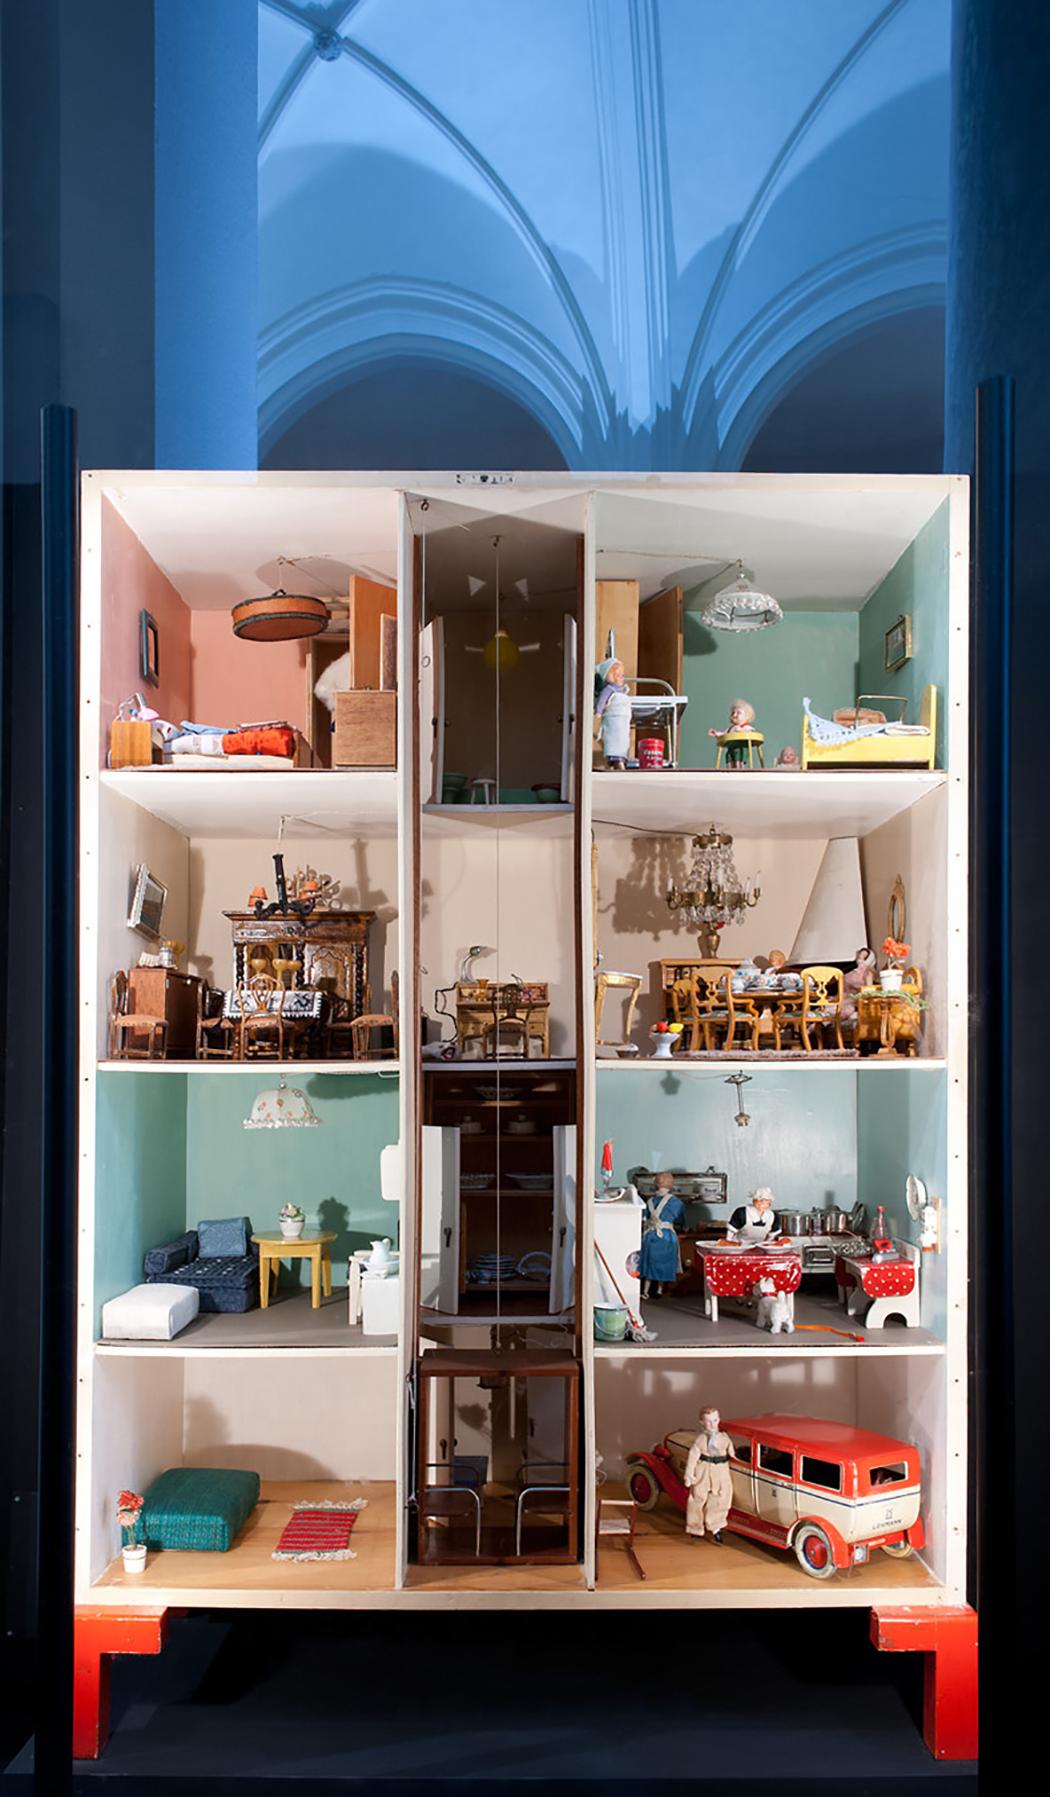 Gunvors funkishus,1936. Gunvor fick huset i present 1936 när hon var 10-årsåldern. Många av möblerna är miniatyrkopior av de som Gunvors familj hade hemma, se t.ex. de i salongen och matsalen. Dessa dockskåpsmöbler beställdes och tillverkades av Värmländskt Hantverk. Alla lampor kan tändas och släckas var för sig och hissen går att dra upp och ner. Själva fasaden är inspirerad av det första kollektivhuset på John Ericssonsgatan i Stockholm. Foto: Karolina Kristensson/ Nordiska museet.